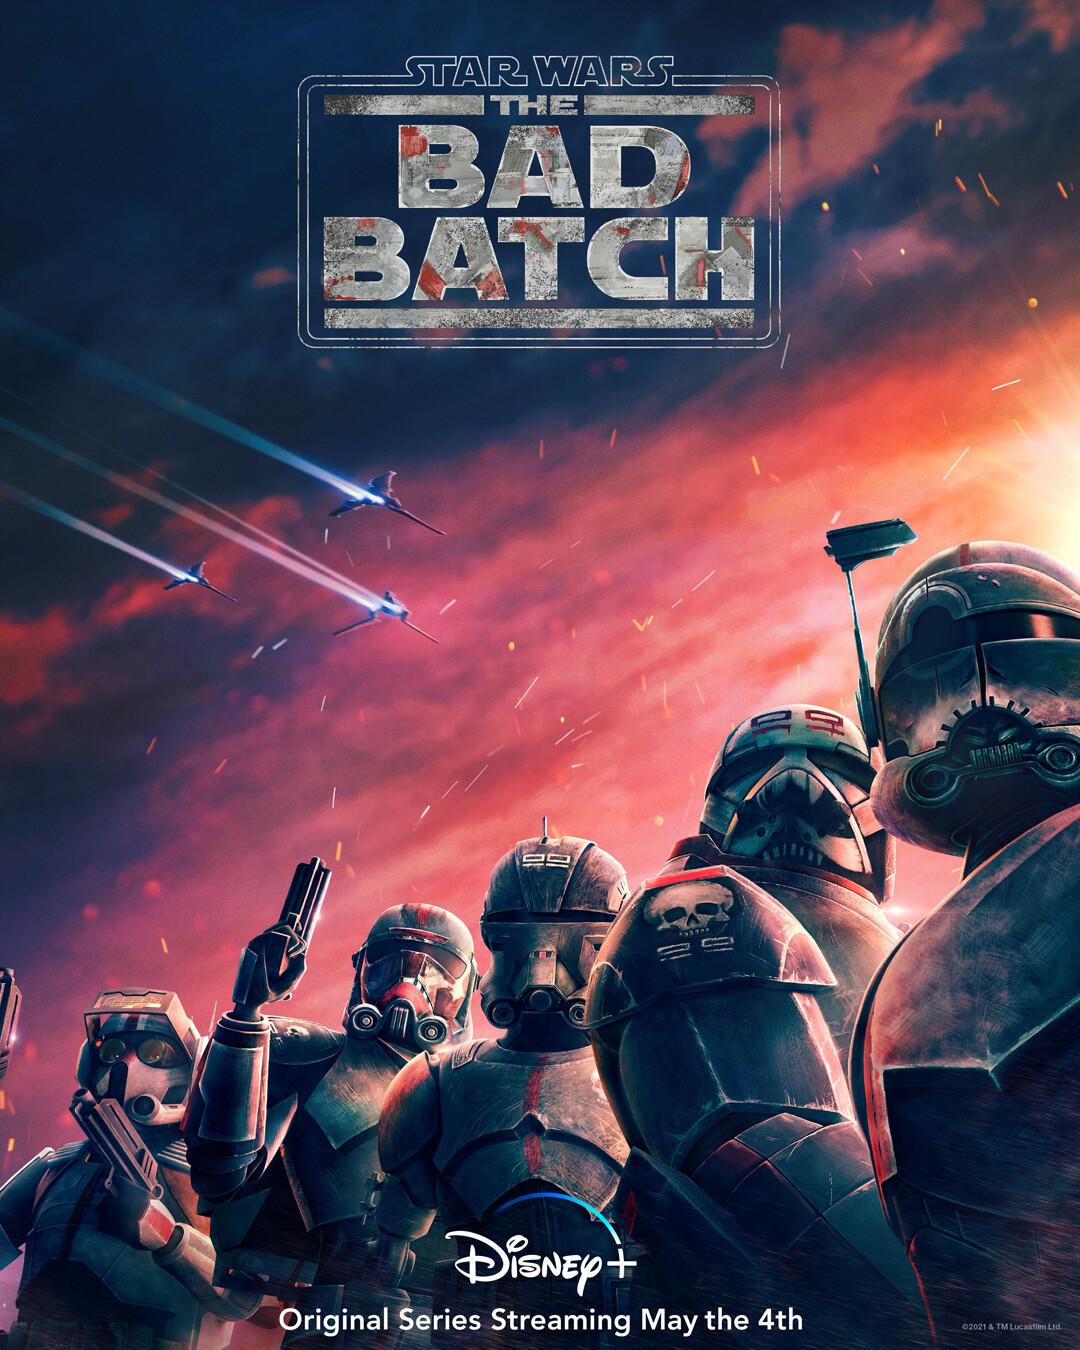 Дебютный трейлер Звездных войн Бракованная партия - спин-оффа Войн клонов